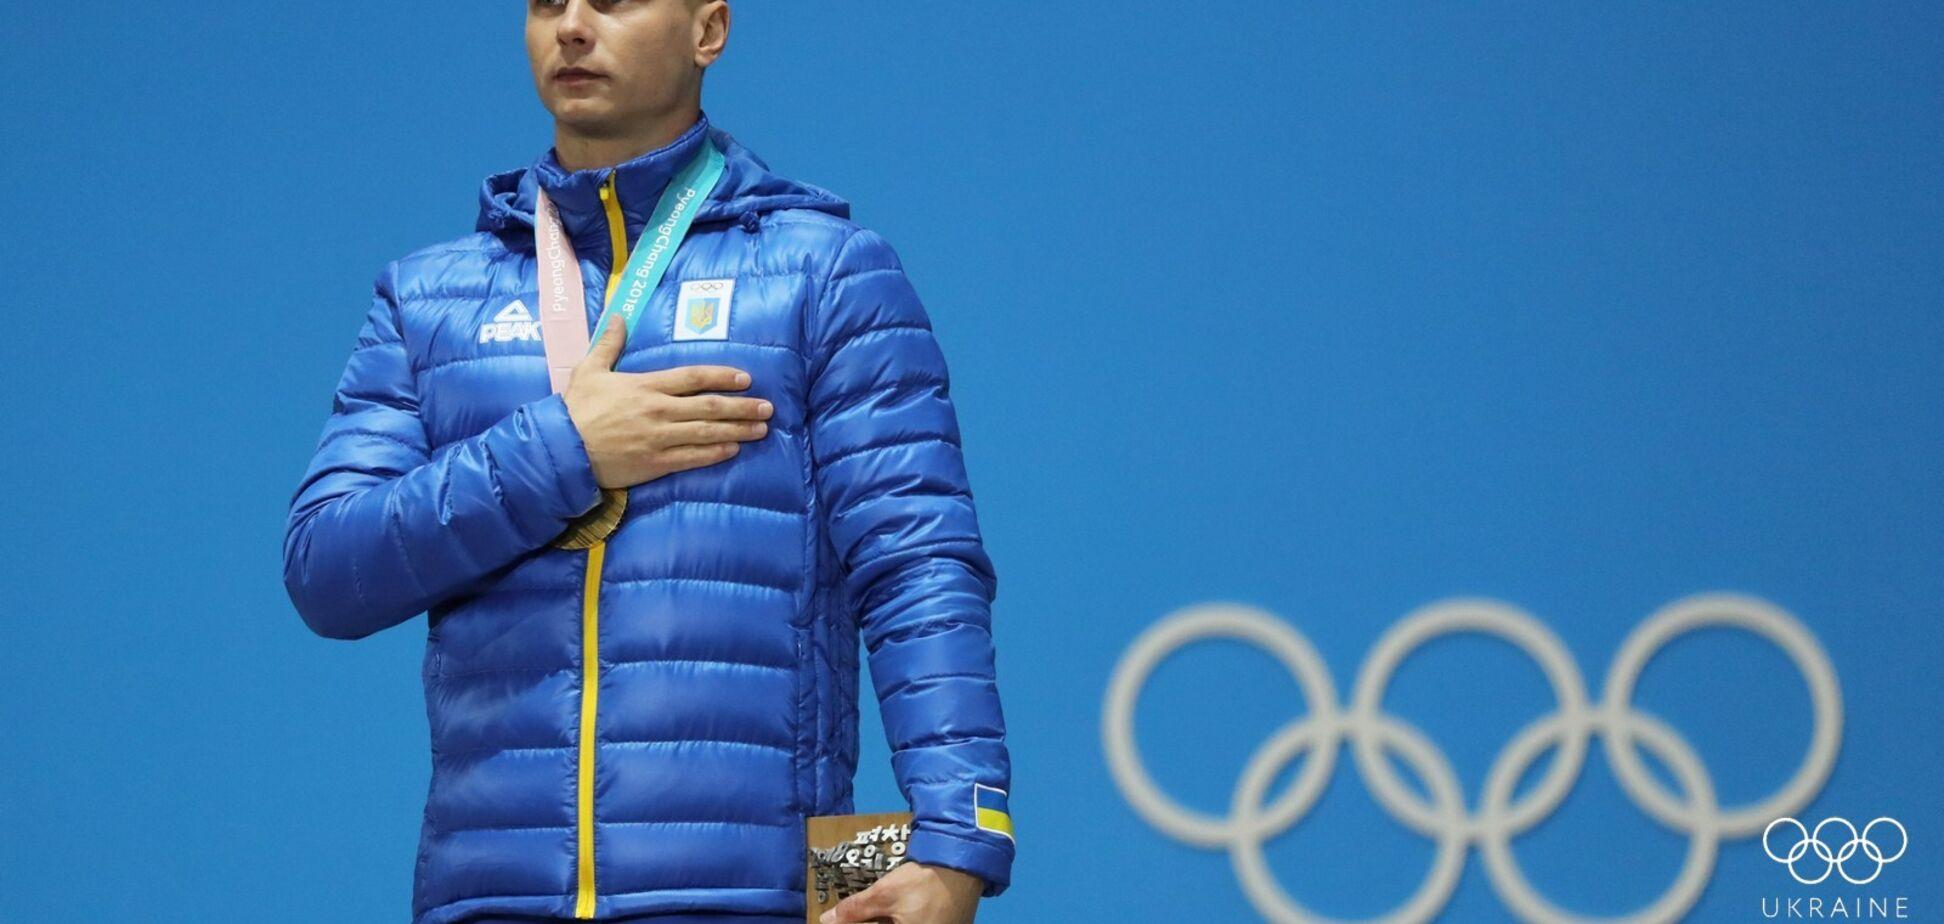 До слез! Появились фото и видео награждения украинского чемпиона Олимпиады-2018